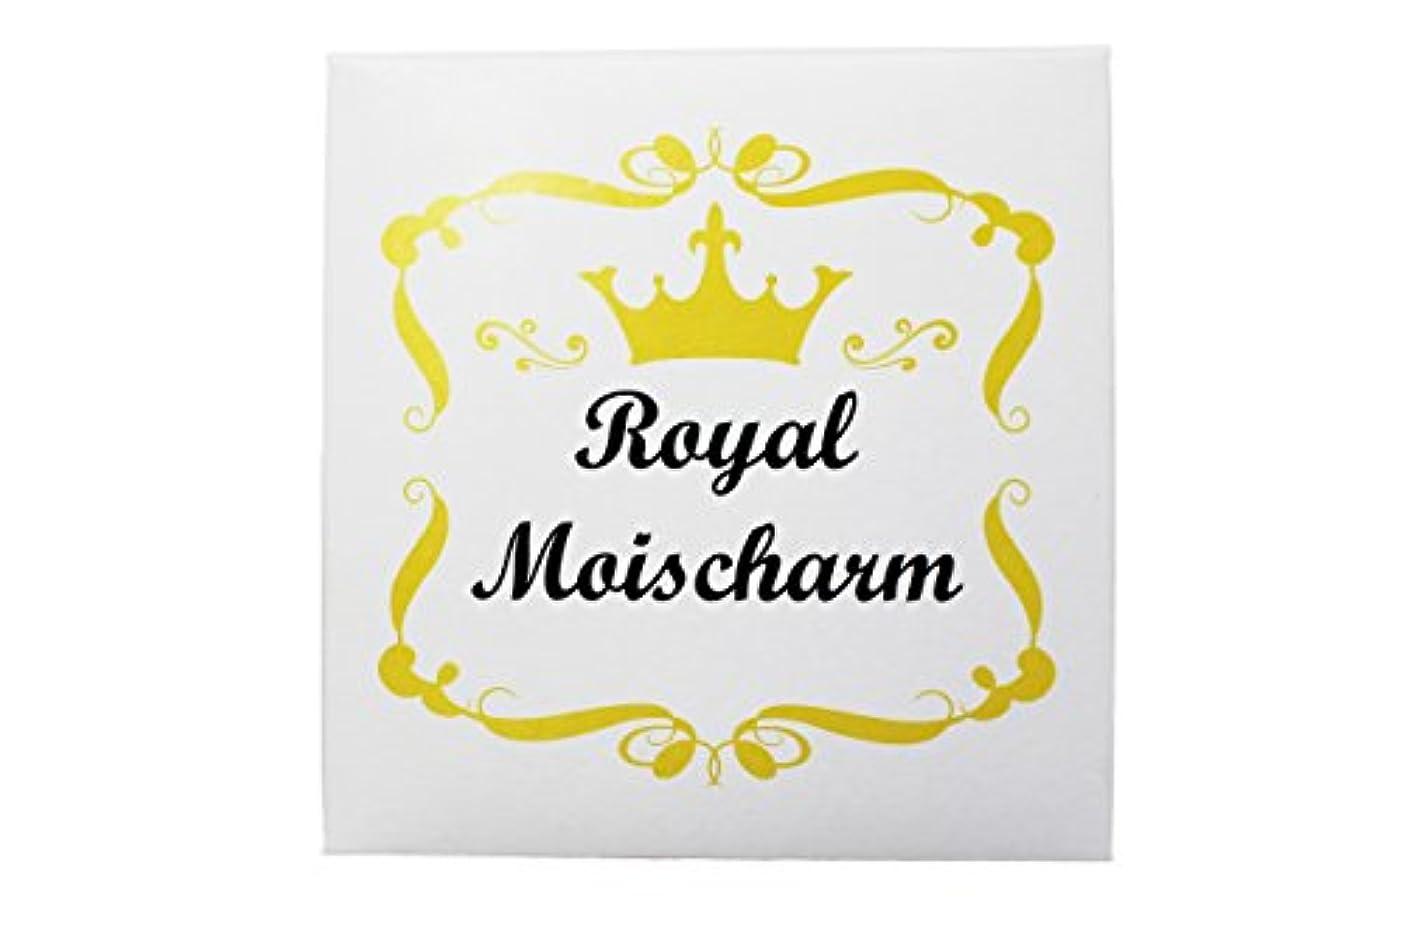 ロイヤルモイスチャーム Royal Moischarm [美白 石鹸]